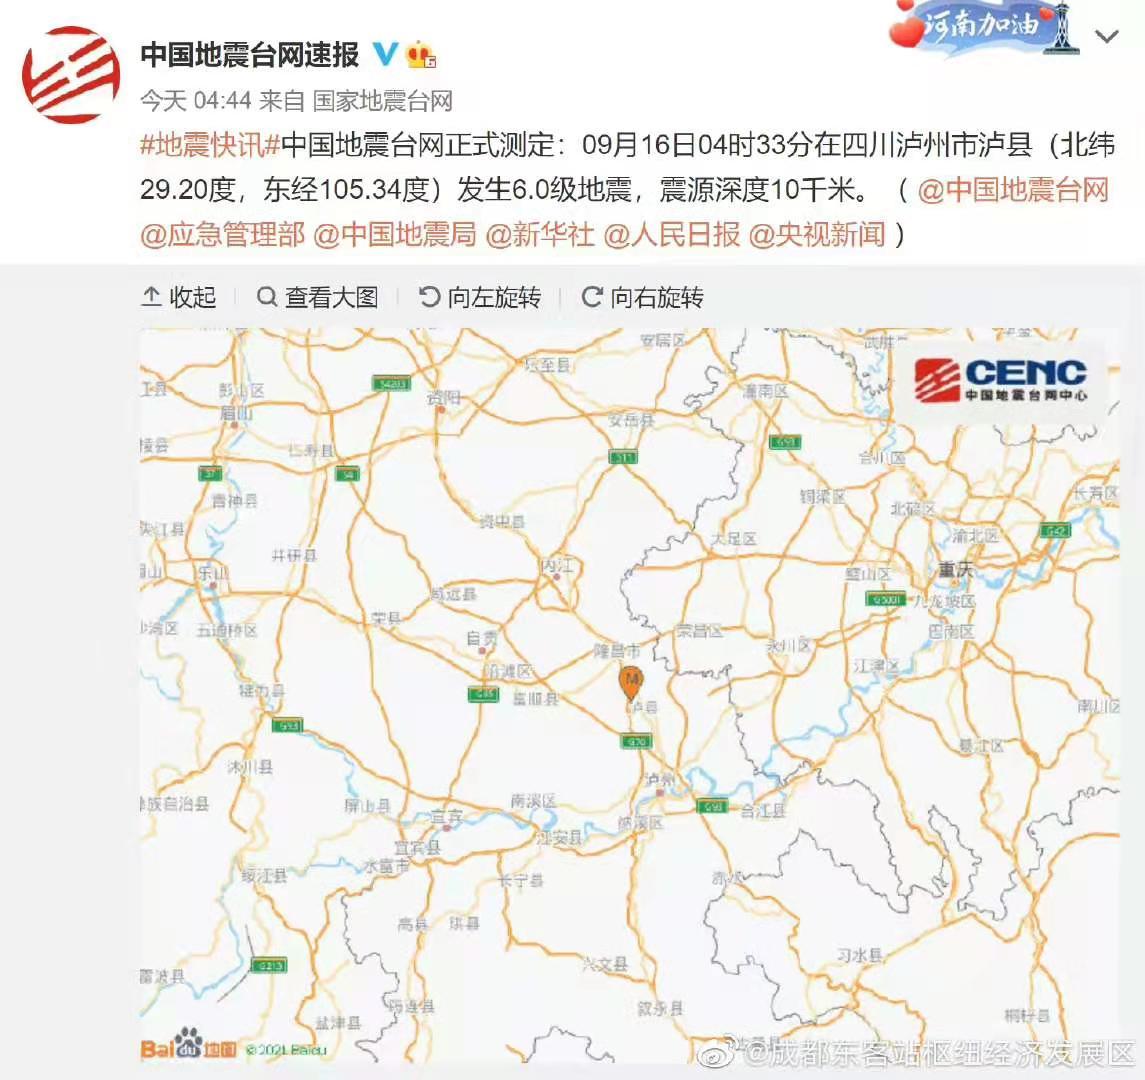 四川泸县避险人群挤满街道:地震伴随雷雨,房子摇得厉害